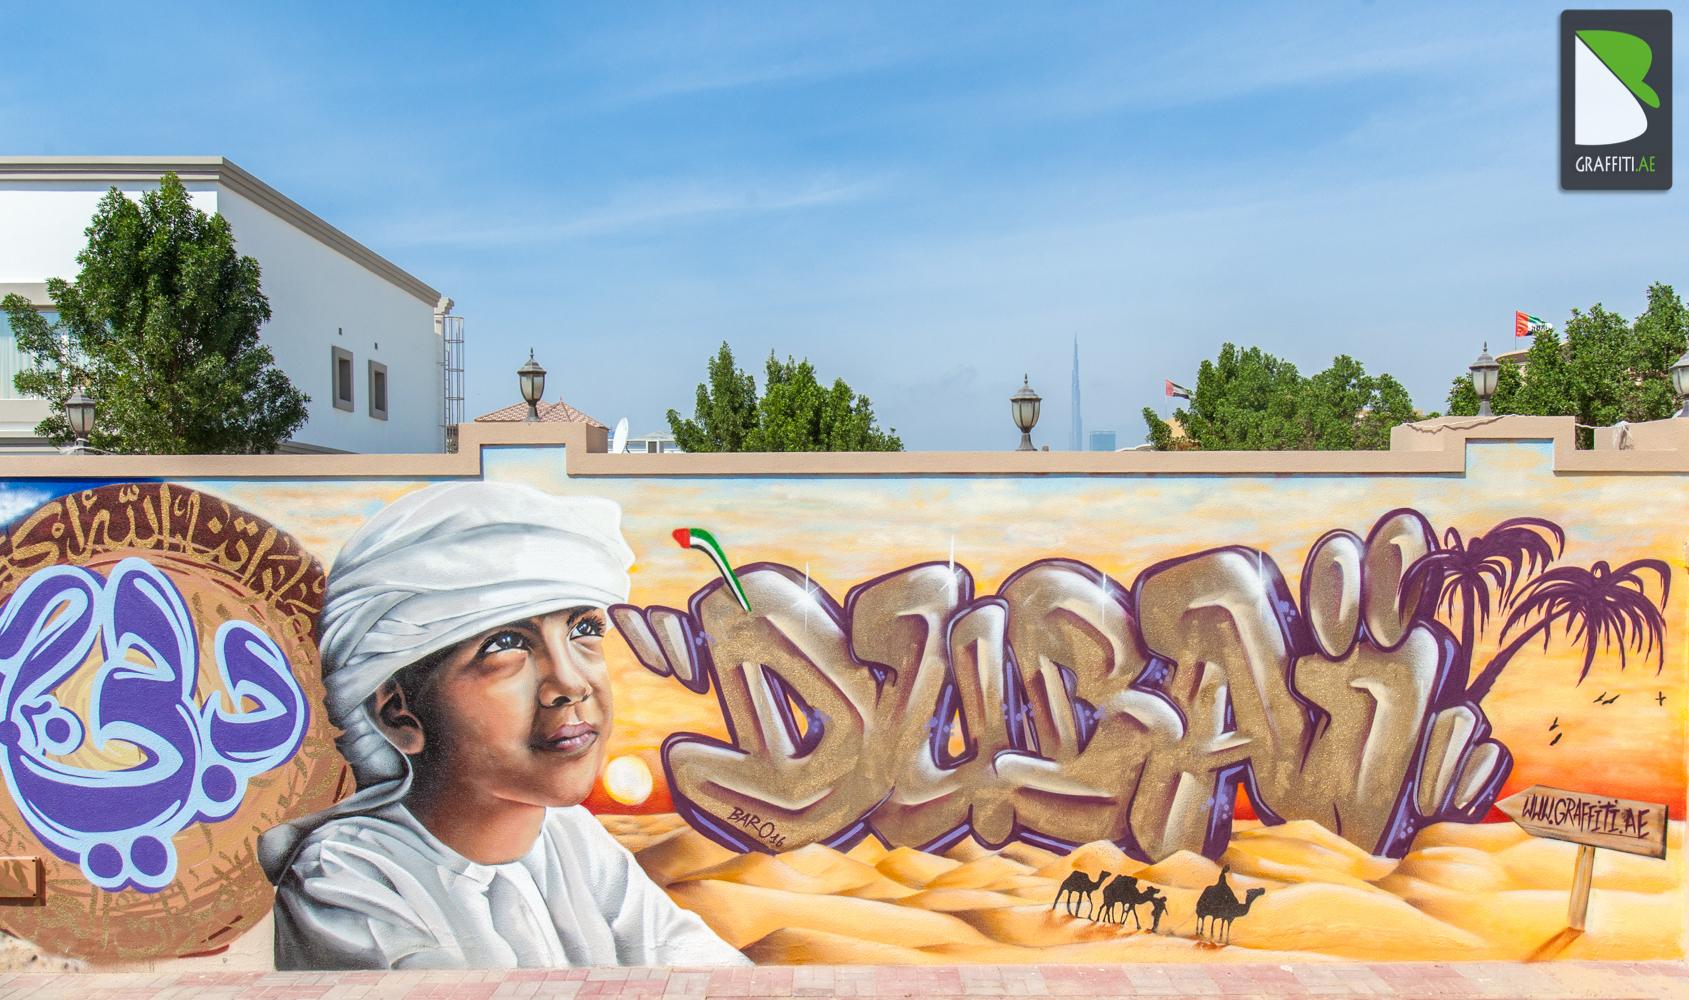 Graffiti wall uae - Natural Environement